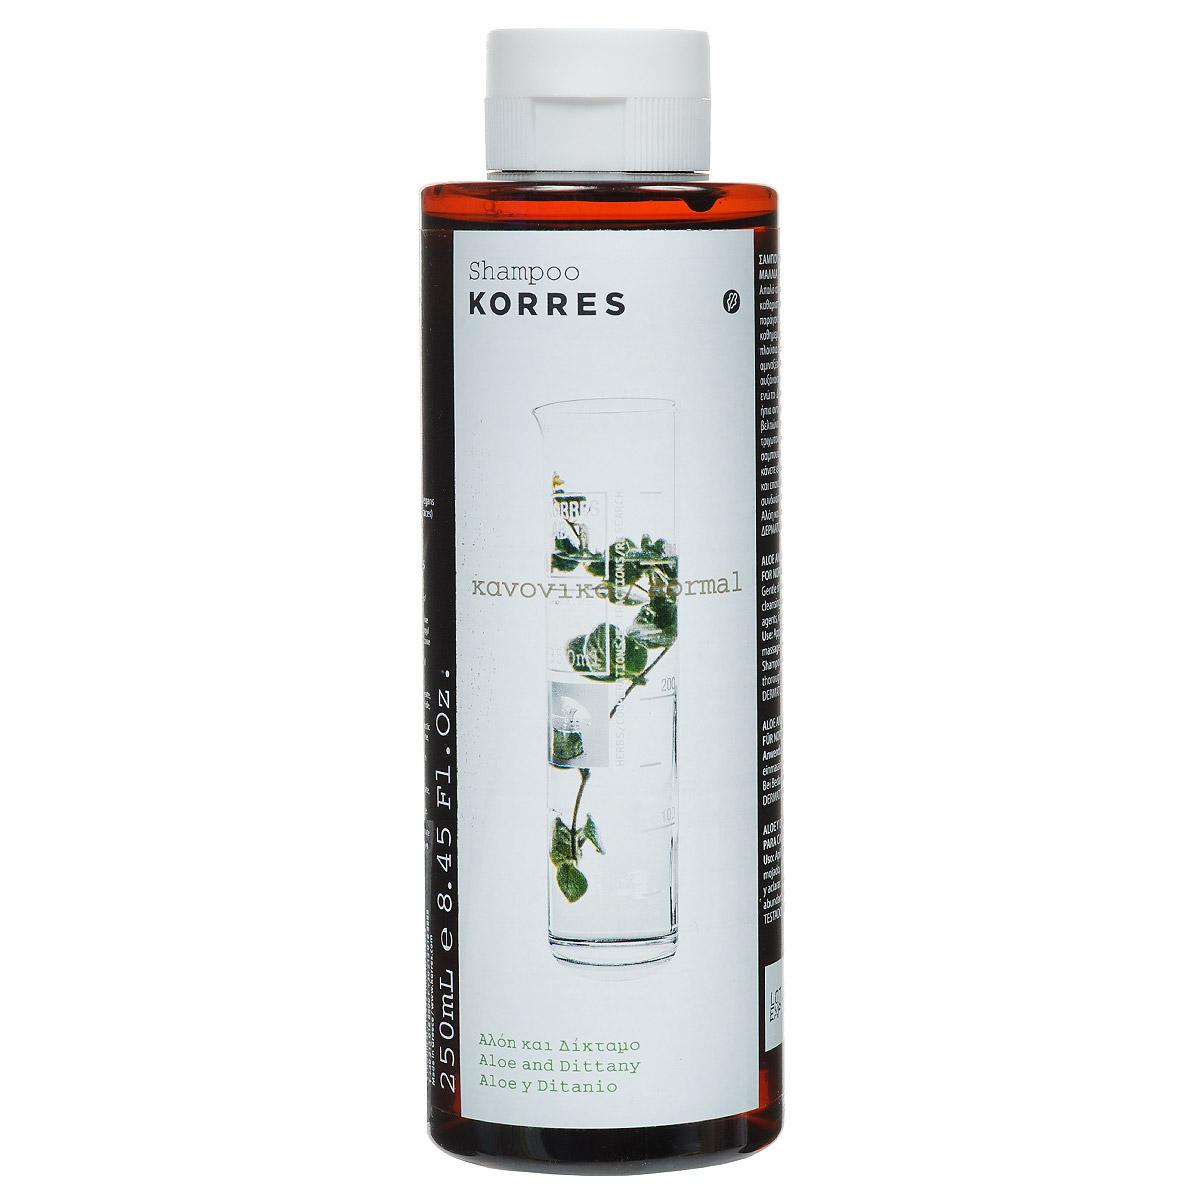 Korres Шампунь для нормальных волос, с алоэ и диким бадьяном, 250 мл5203069040689Шампунь Korres предназначен для нормальных волос, содержит алоэ и дикий бадьян. Шампунь с мягкими моющими и кондиционирующими компонентами идеально подходит для ежедневного применения. Алоэ, богатый протеинами и аминокислотами, увлажняет волосы и делает их более эластичными, а мягкое антисептическое действие дикого бадьяна восстанавливает баланс кожи головы. Характеристики: Объем: 250 мл. Производитель: Греция. Производство косметики Korres основывается на 4 фундаментальных принципах: Использование натуральных, высокоэффективных компонентов. Клинически проверенная эффективность без пустых обещаний. Чувственное наслаждение. Разумные цены для ежедневного ухода. Используются технологии и исследования в области охраны природы и совместимости с кожей. И в связи с этими усилиями удалось полностью исключить использование особых синтетических компонентов, таких как производные нефти (минеральные масла), силиконы...